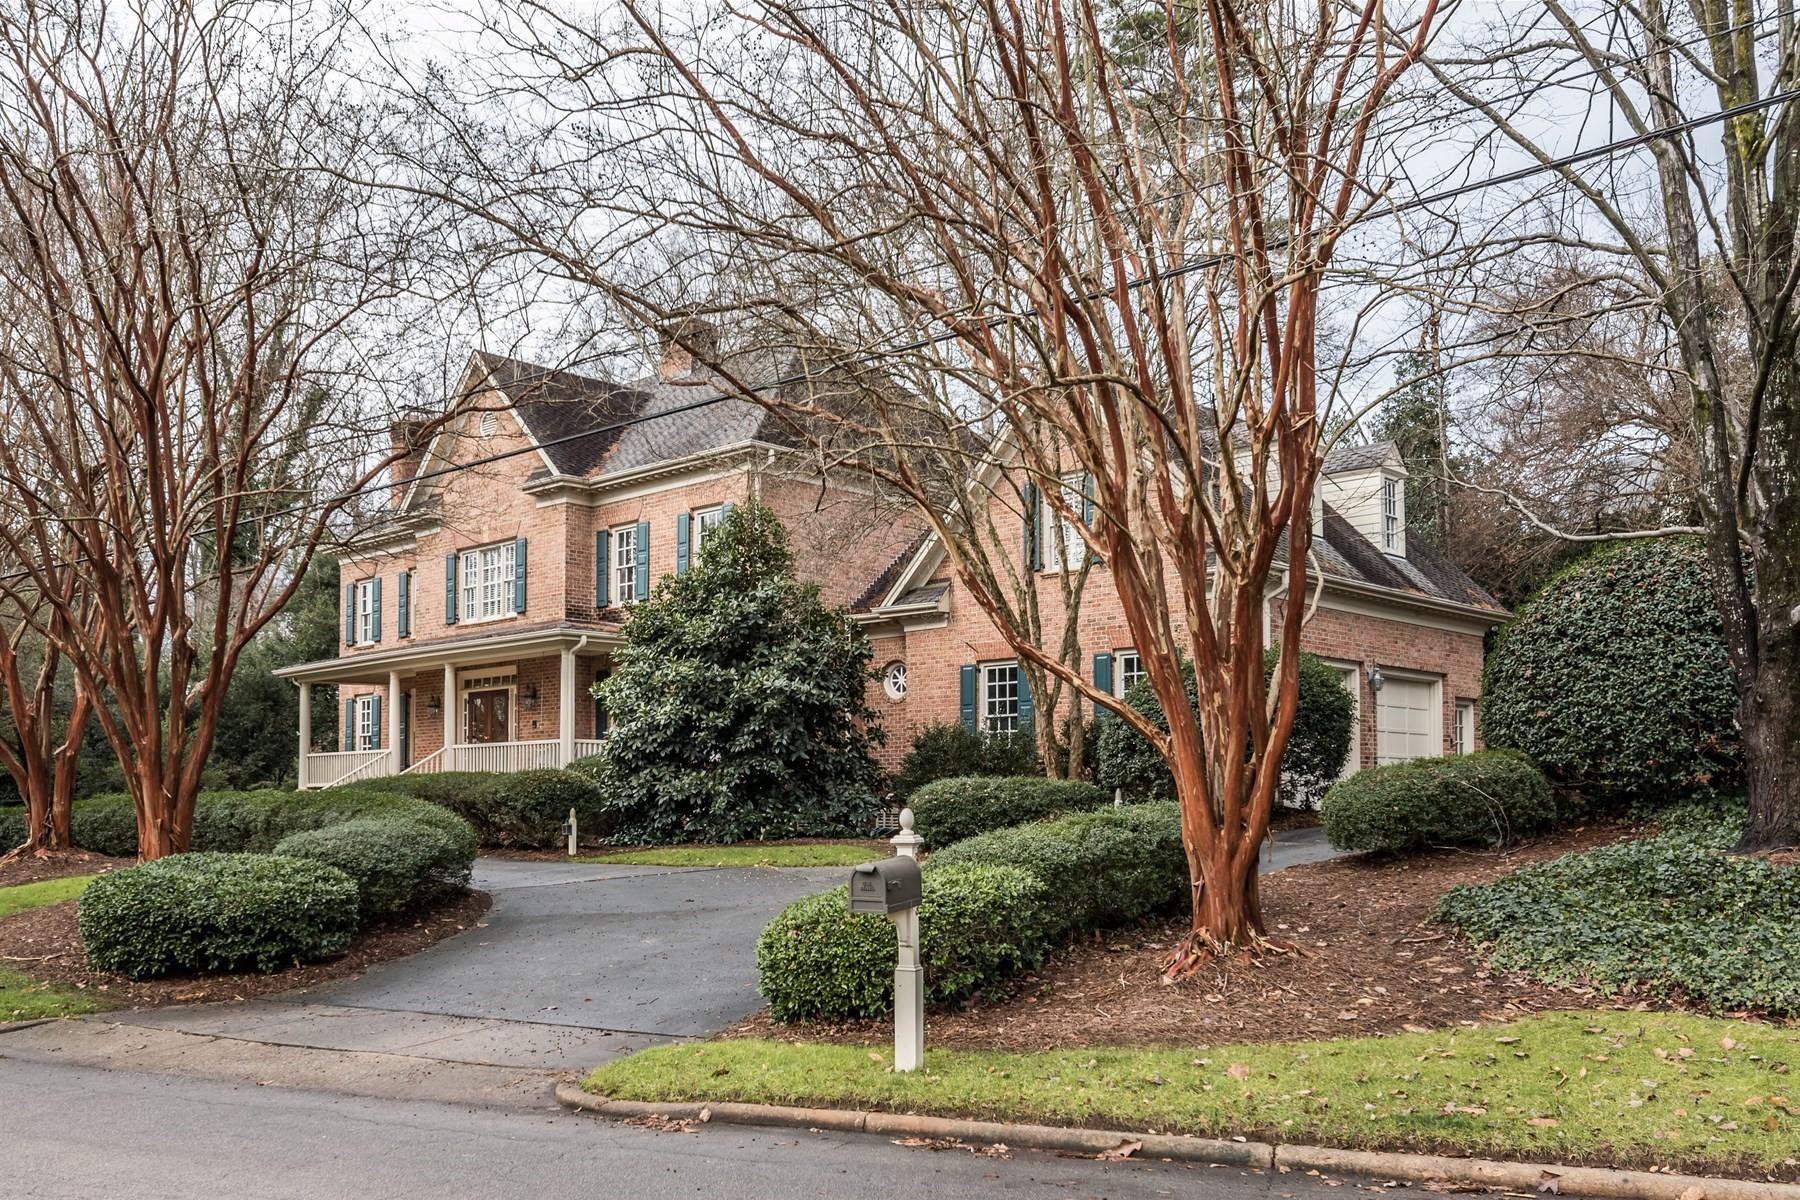 단독 가정 주택 용 매매 에 Drewry Hills 3103 Landor Road Raleigh, 노스캐놀라이나, 27609 미국에서/약: Durham, Chapel Hill, Cary